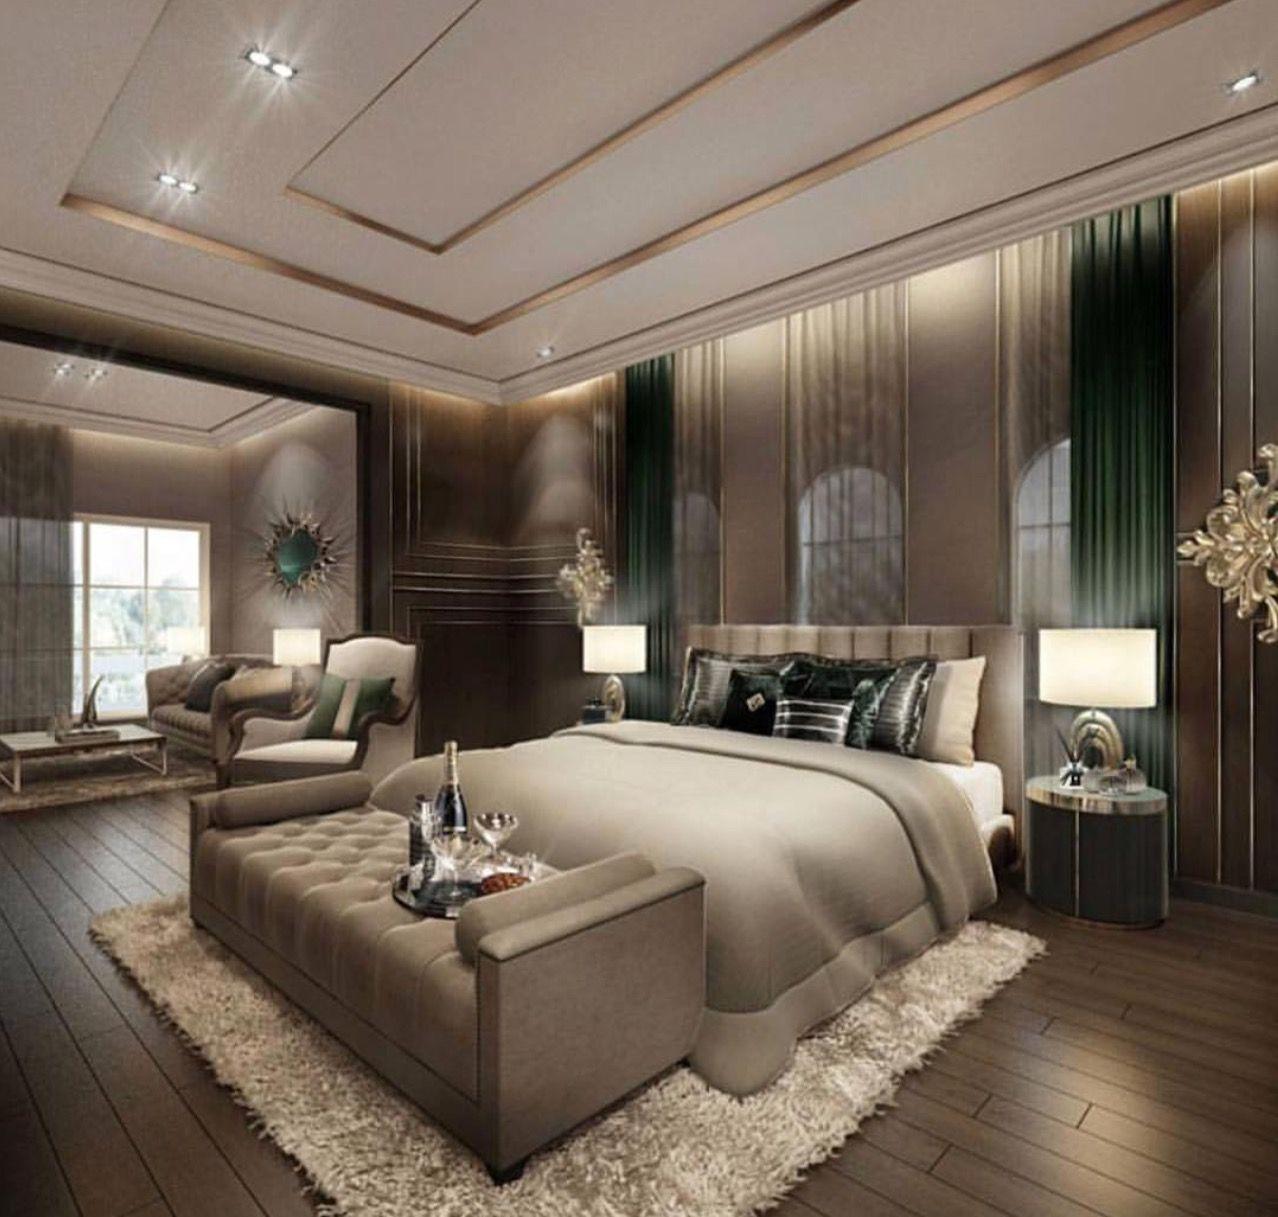 Pin de rosita dena en ideas dise o interiores pinterest for Diseno de interiores dormitorios